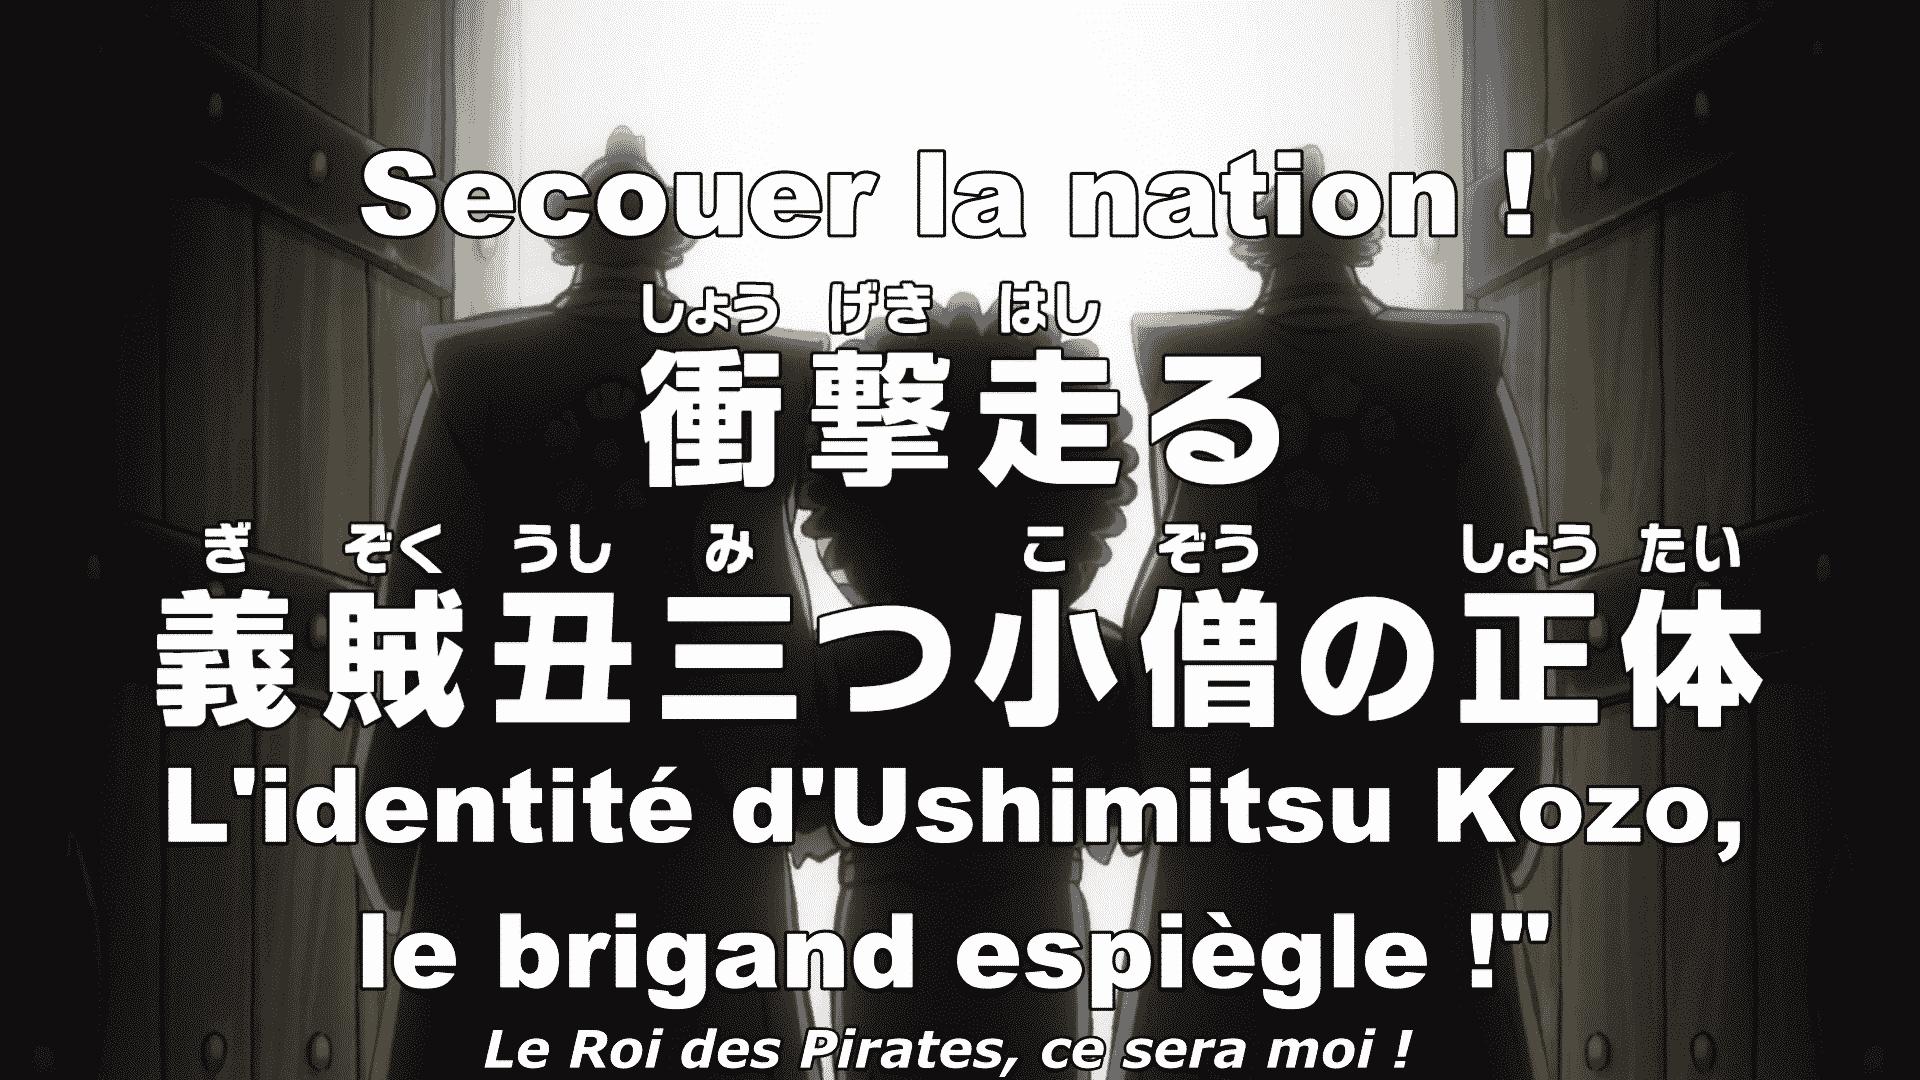 """One piece 938 vostfr Secouer la nation ! - L'identité d'Ushimitsu kozo,le brigand espiègle!"""" 19"""